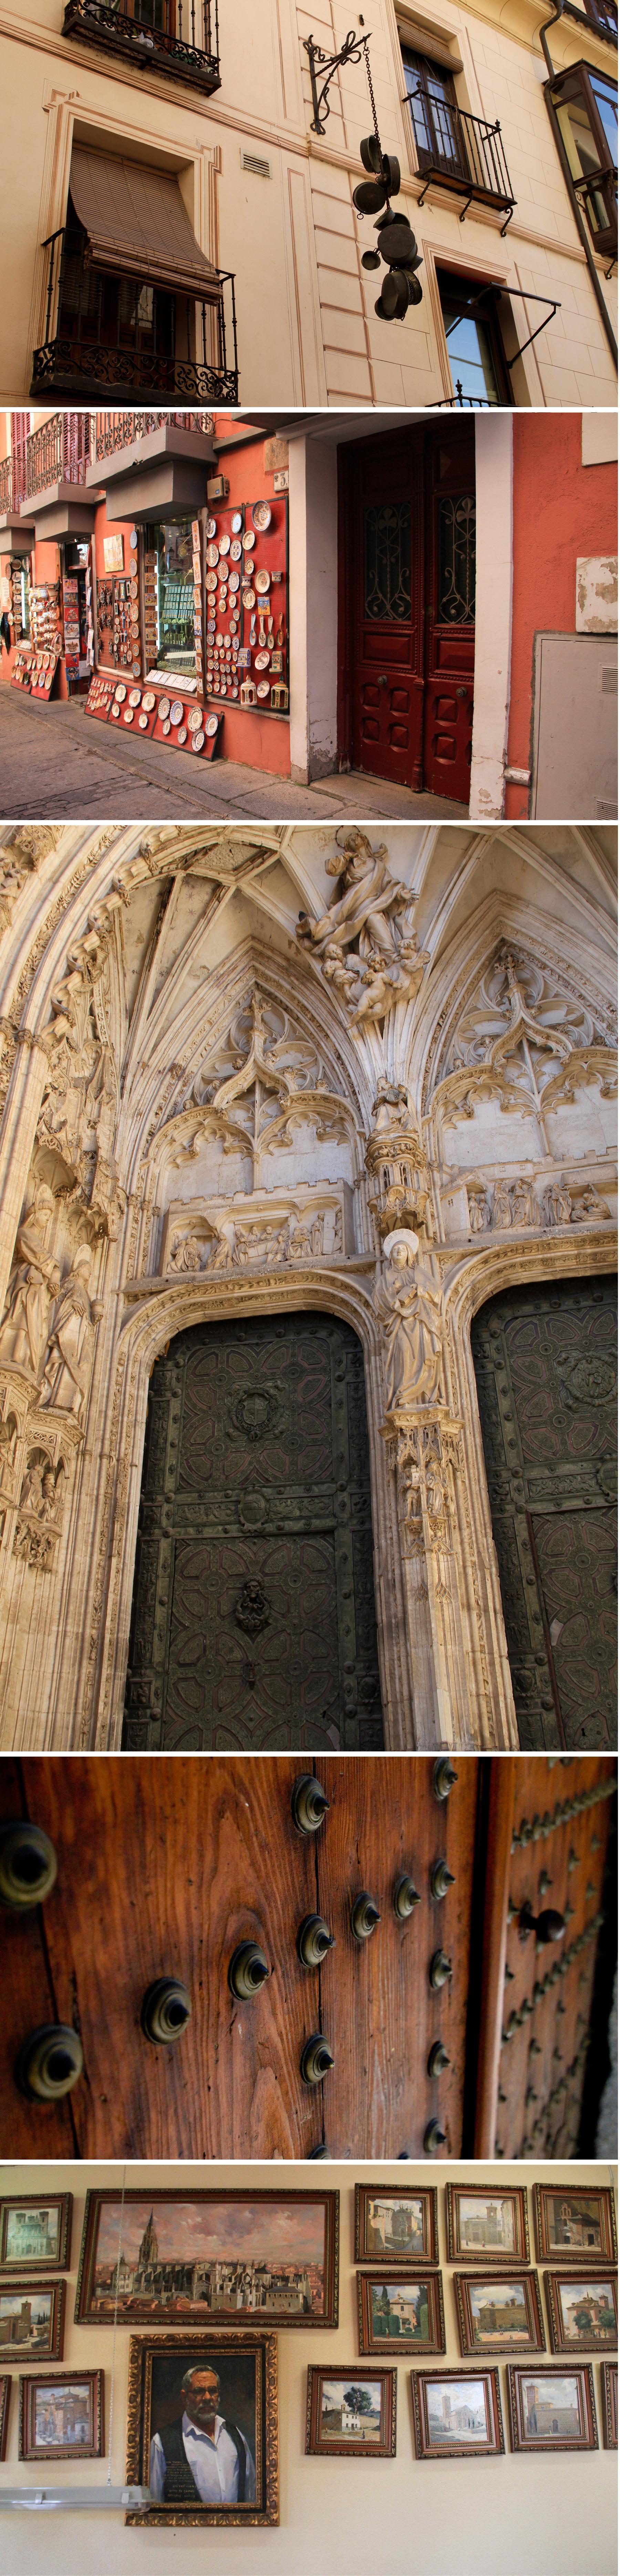 Spain2.jpg